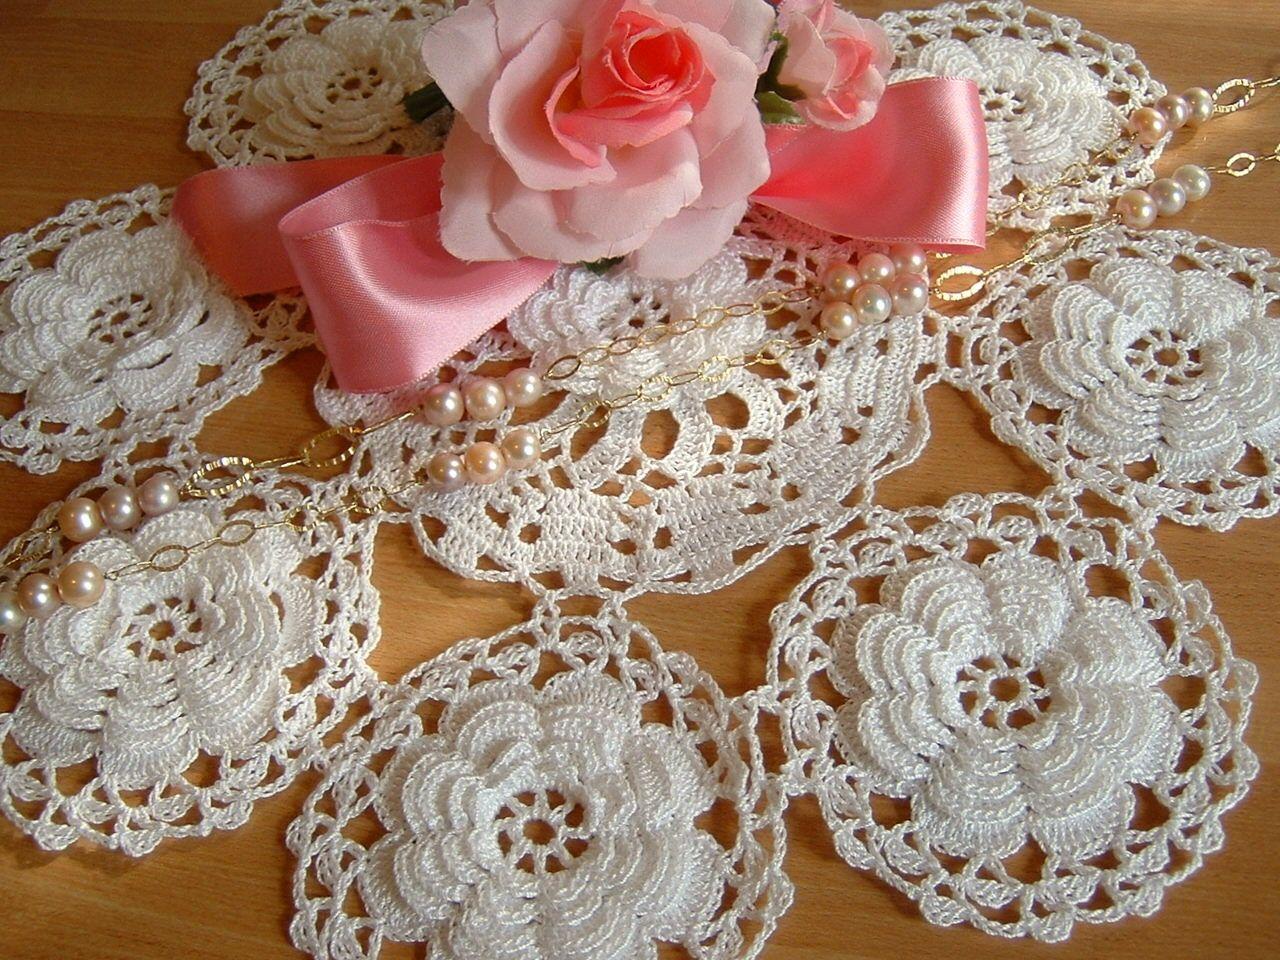 Centro bianco all 39 uncinetto con una corolla di rose d for Pizzi all uncinetto per asciugamani